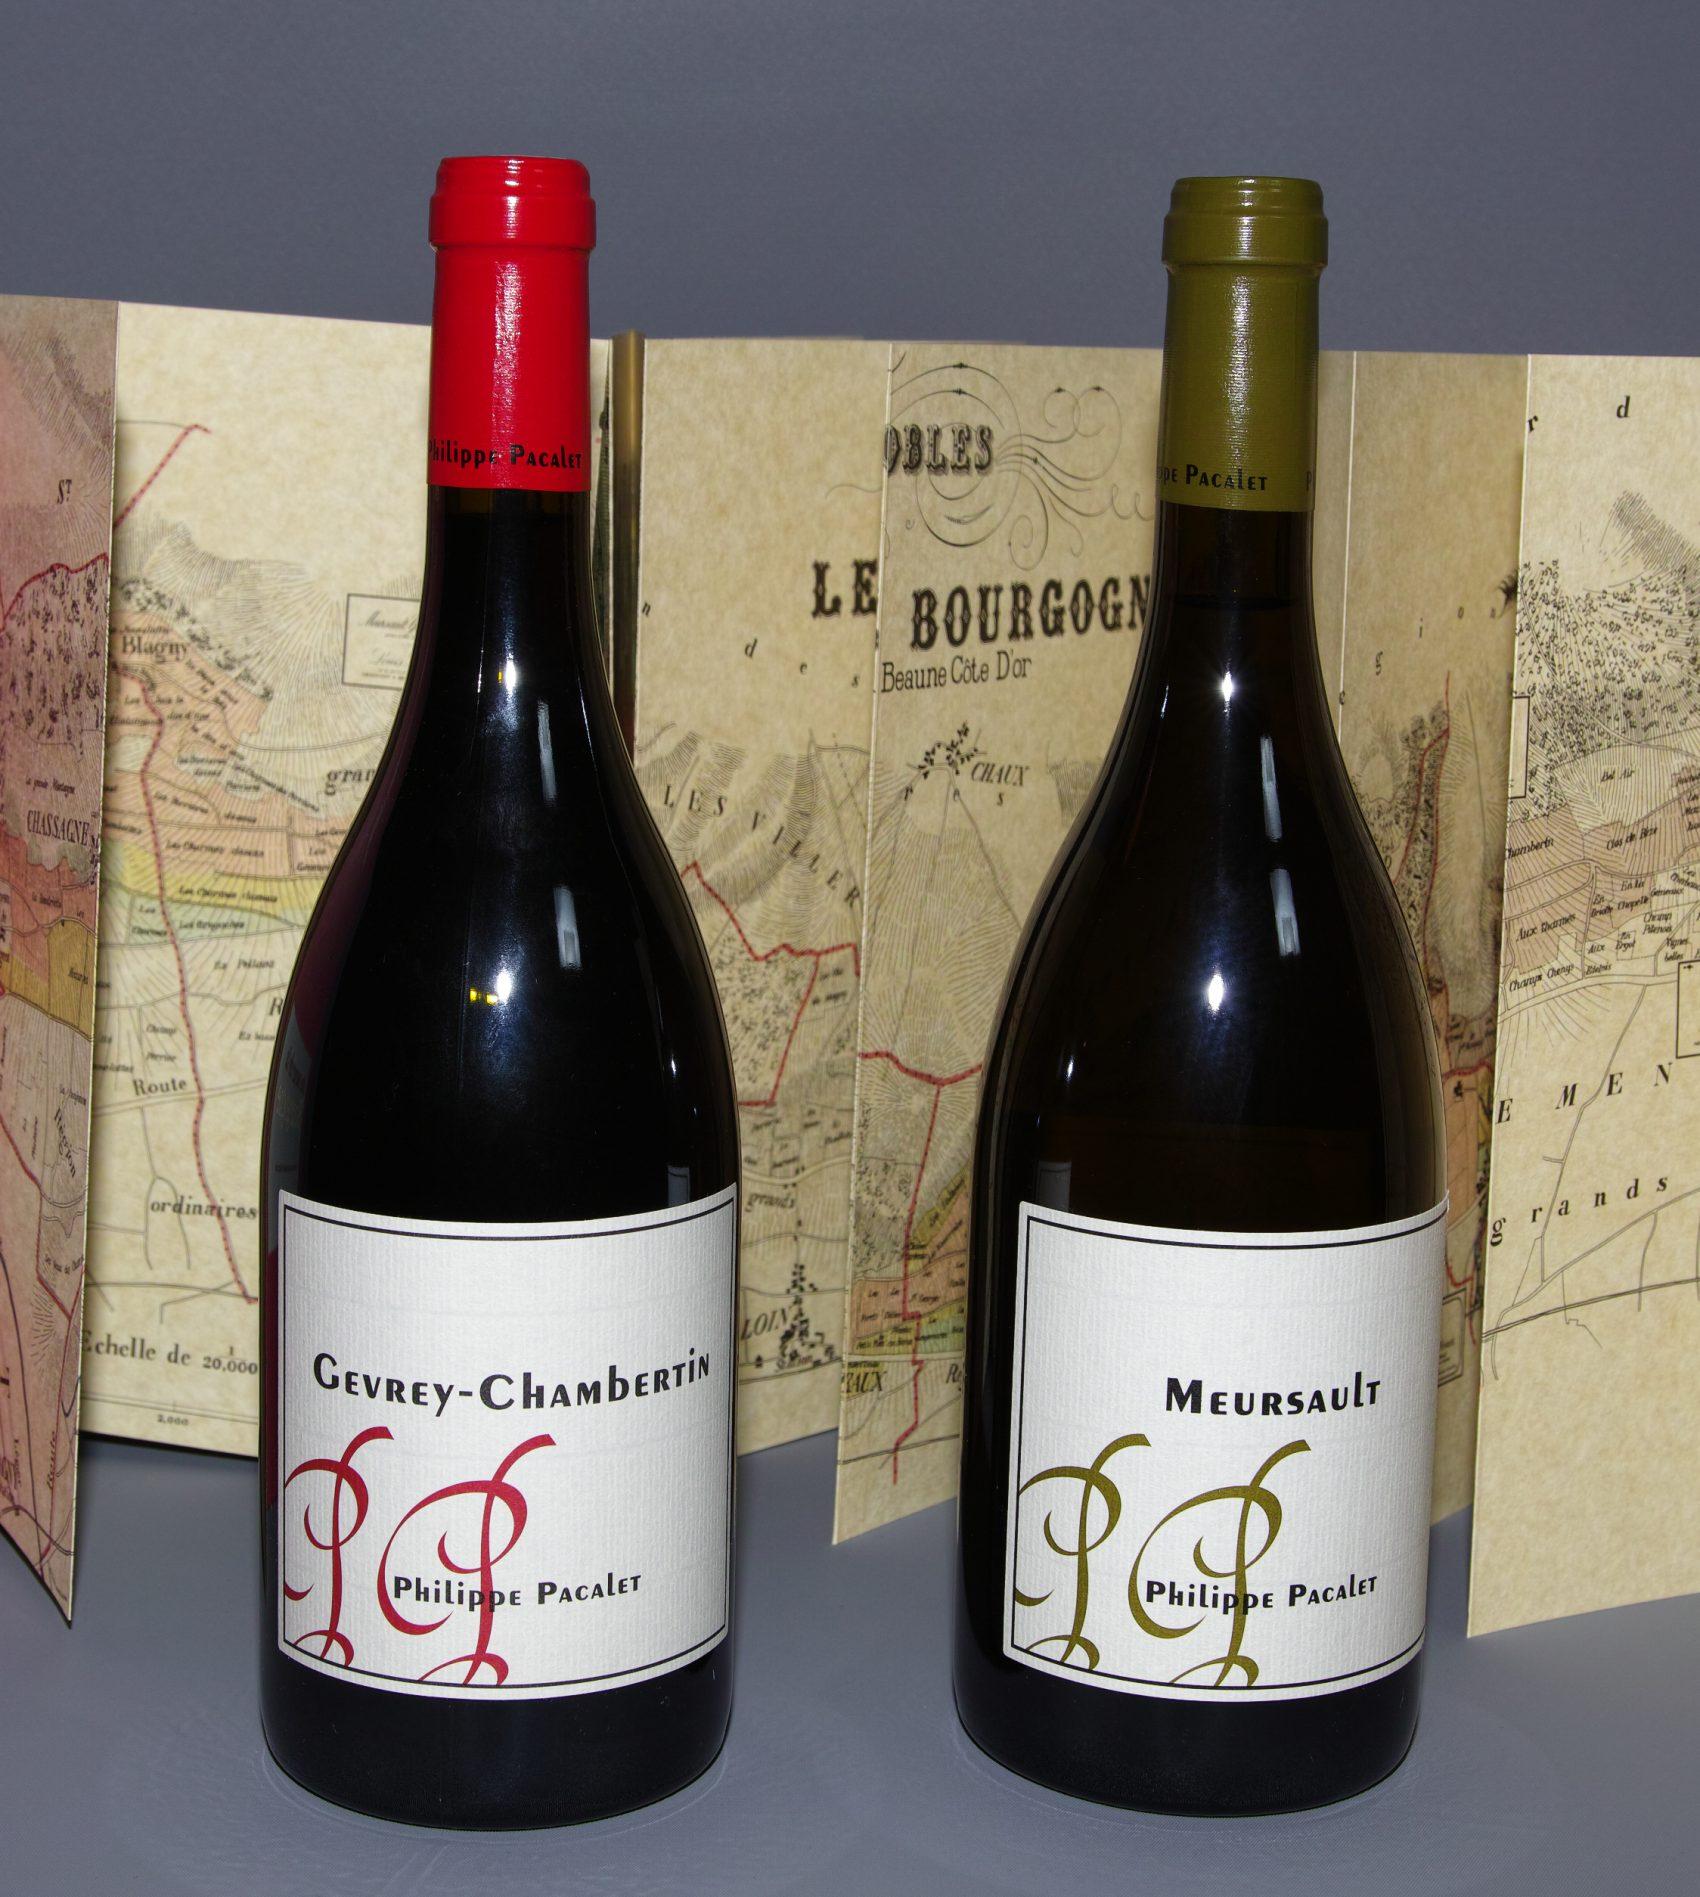 Les Gevrey-Chambertin (pinot noir) 2017 et Meursault (chardonnay) 2018 de Philippe Pacalet, vigneron à Beaune. Photo © Pierre d'Ornano/Aeternus.fr